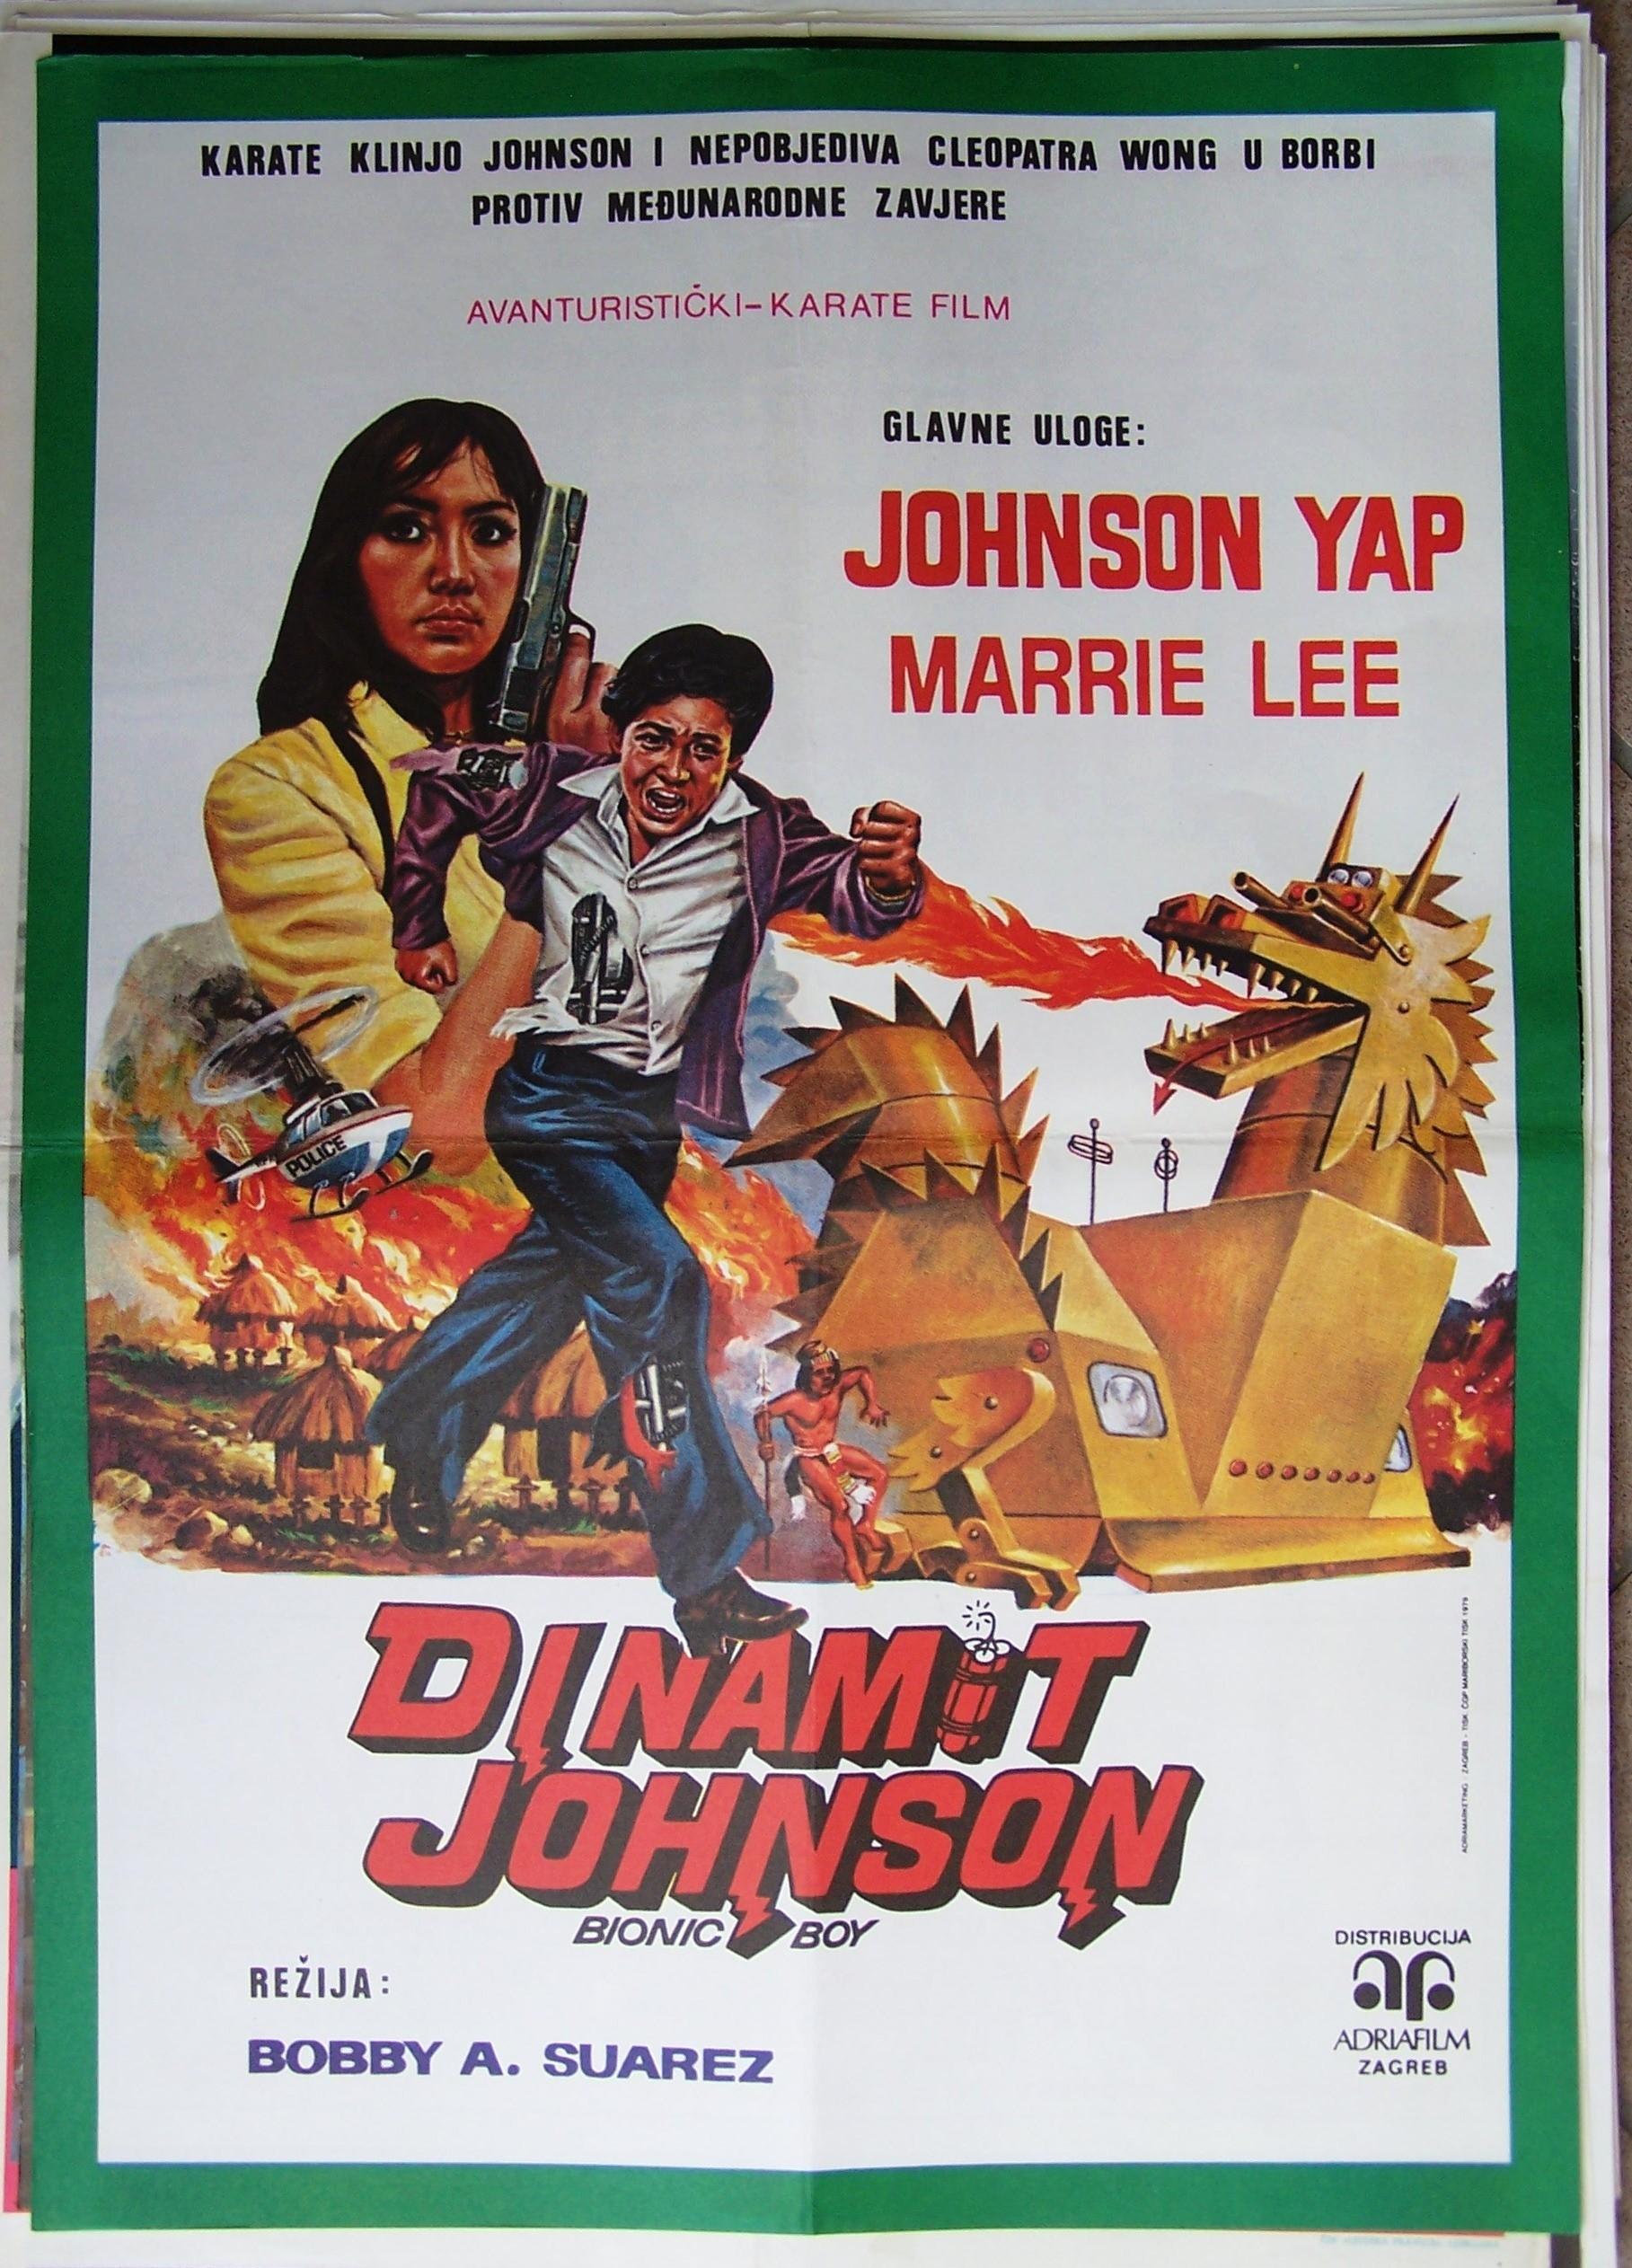 Dinamit Johnson